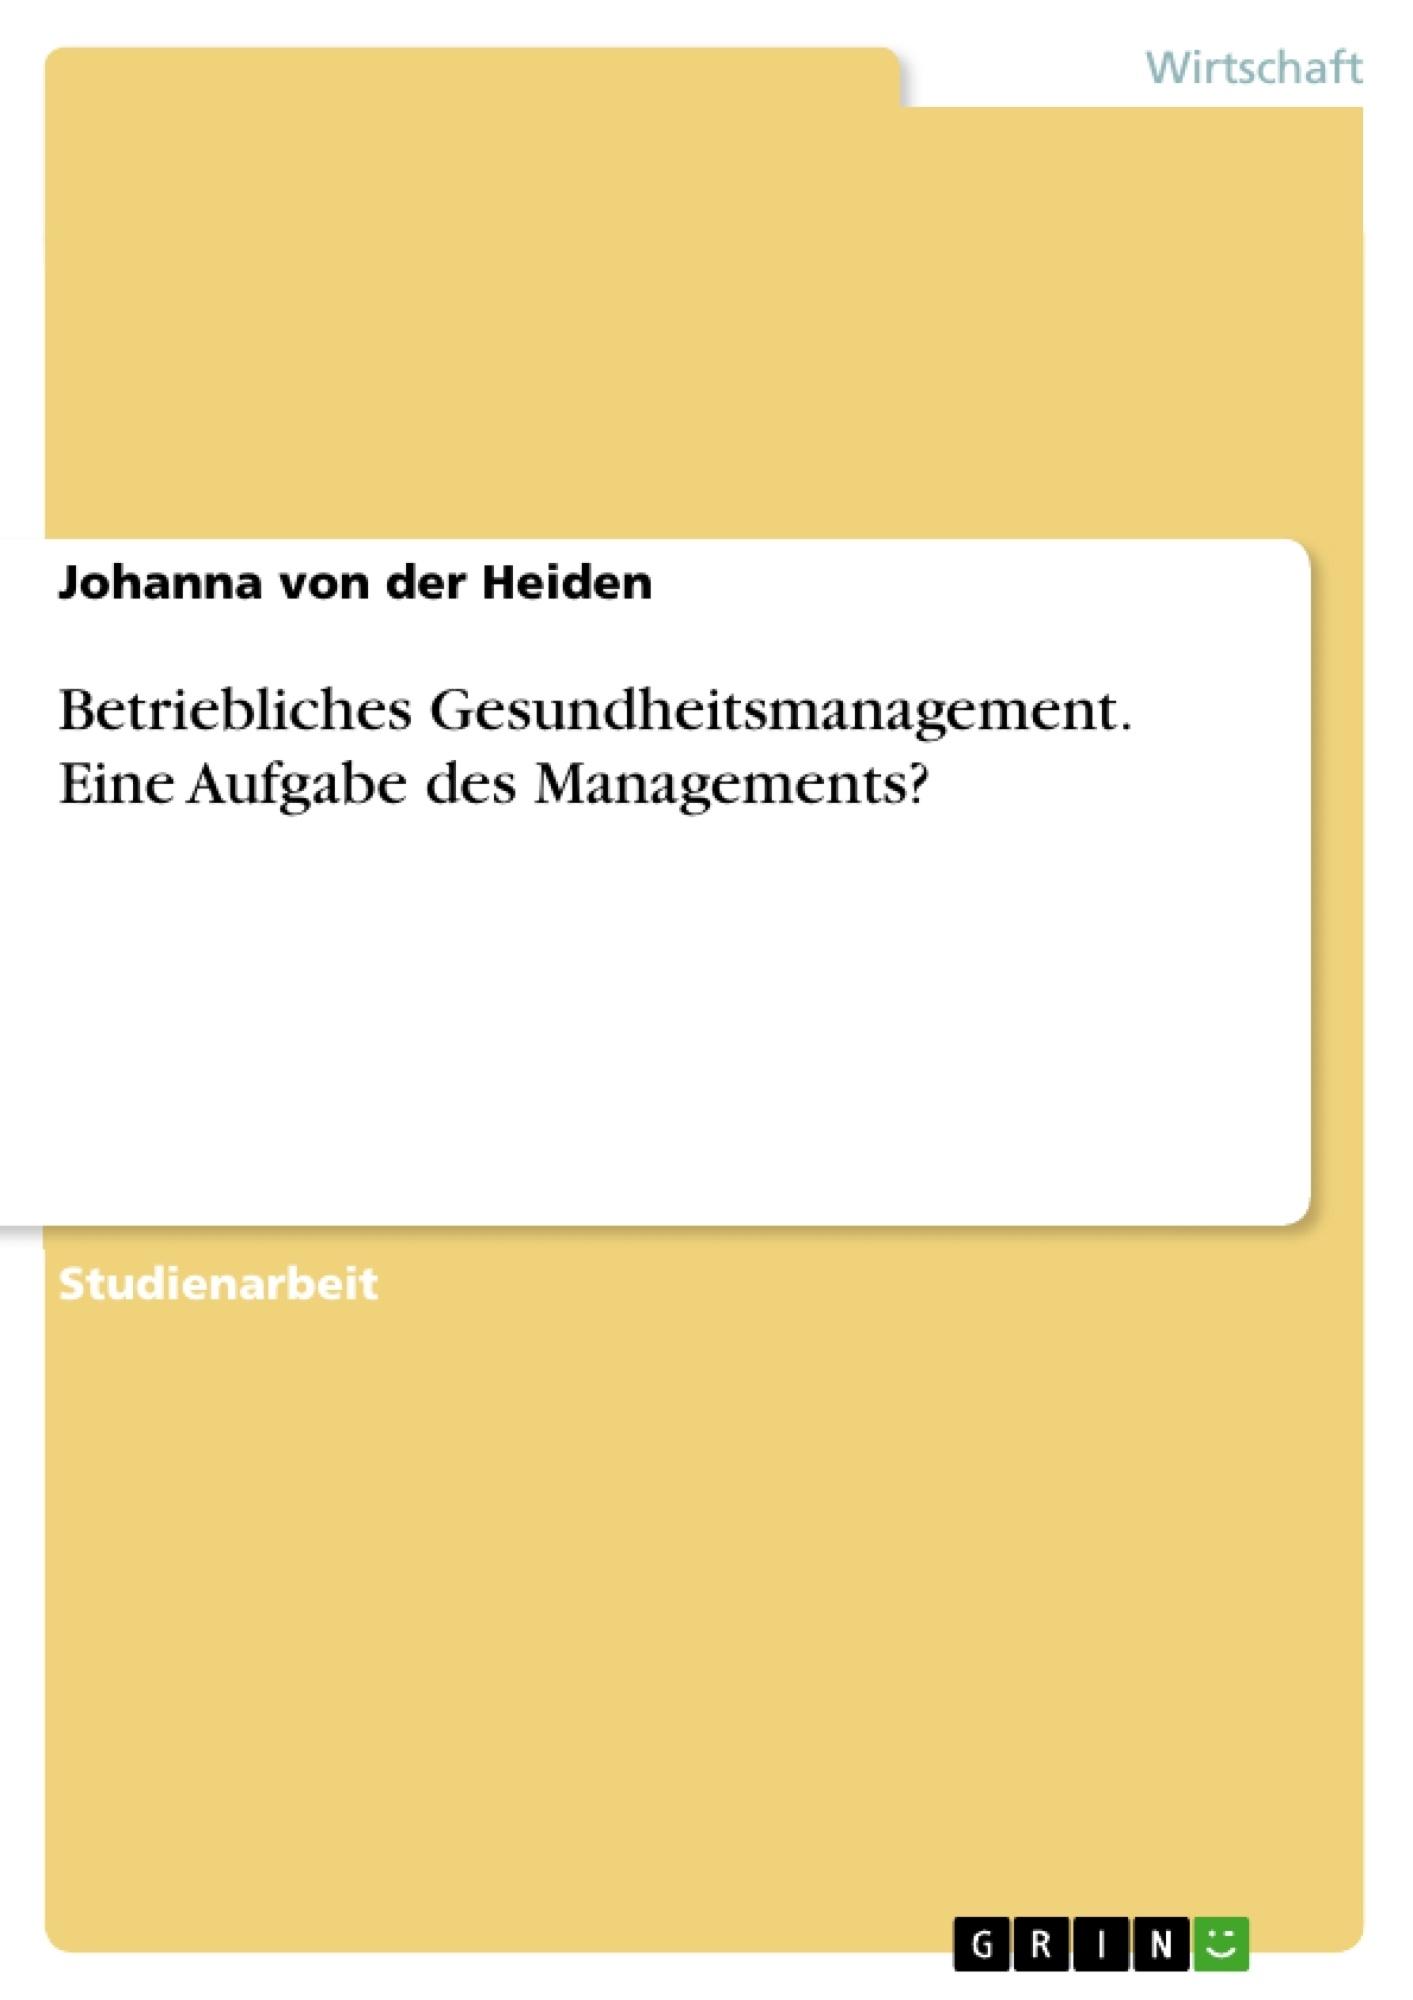 Titel: Betriebliches Gesundheitsmanagement. Eine Aufgabe des Managements?